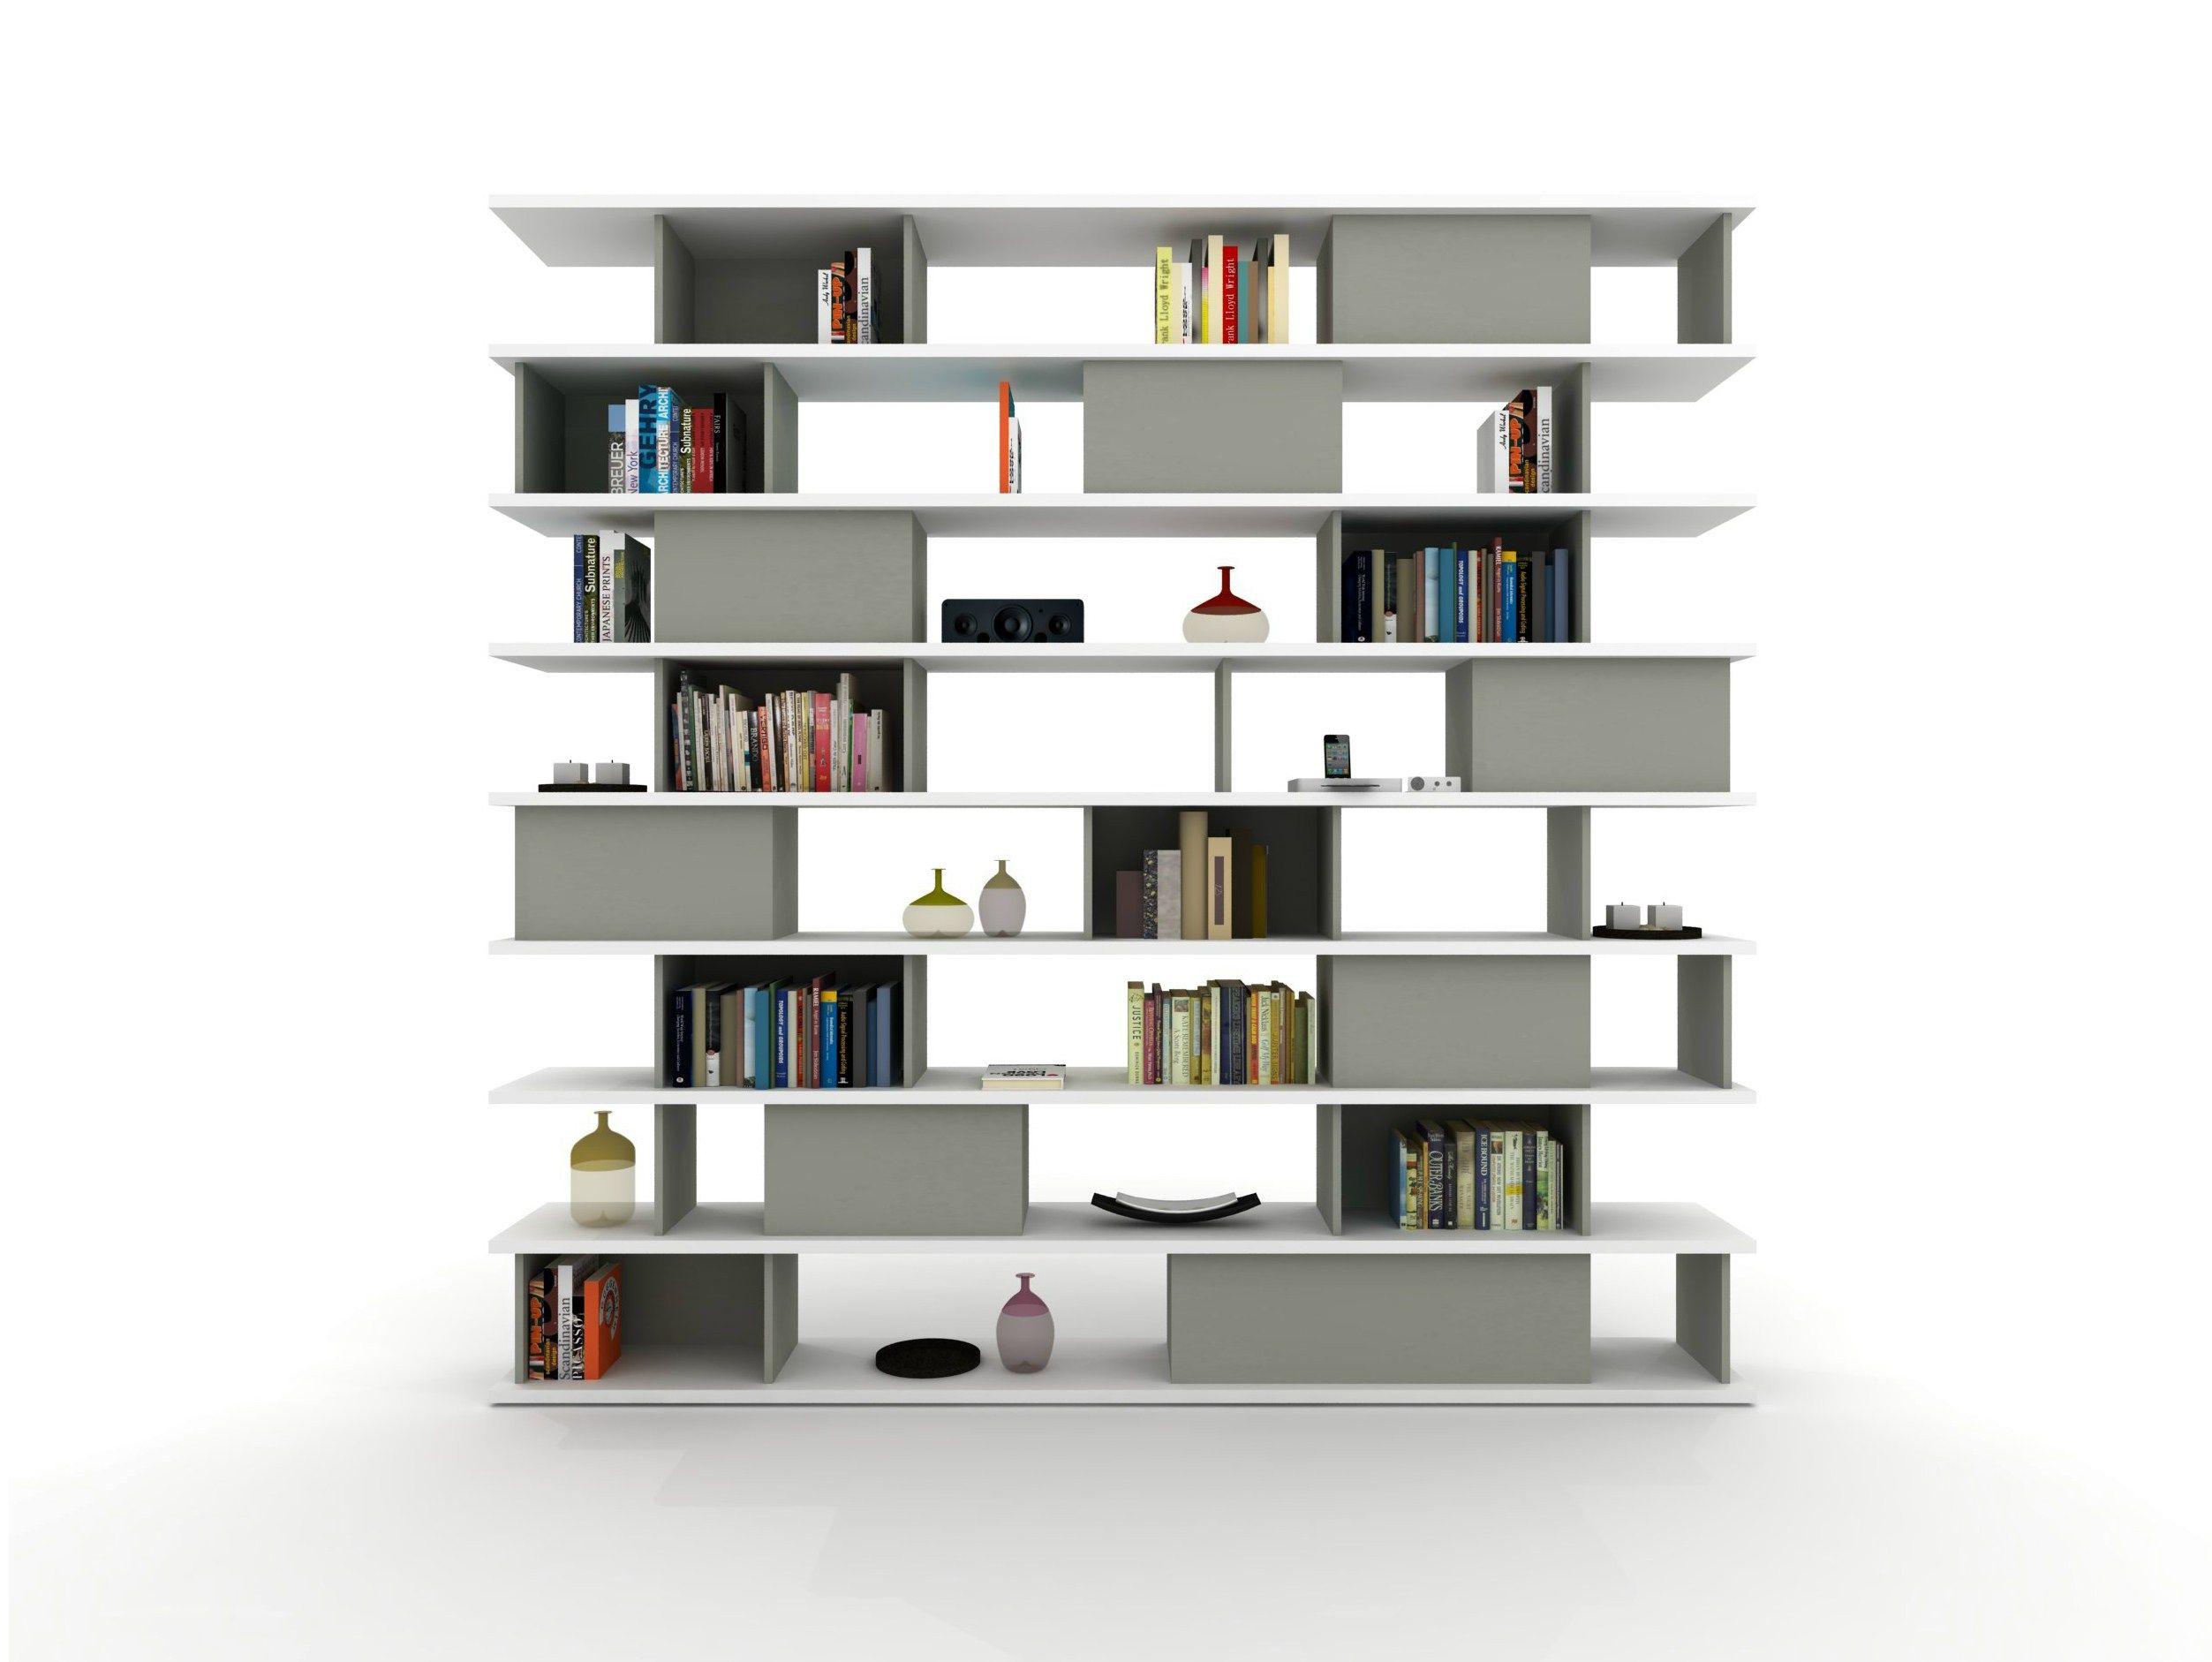 Libreria a giorno modulare z401 by zalf for Libreria modulare